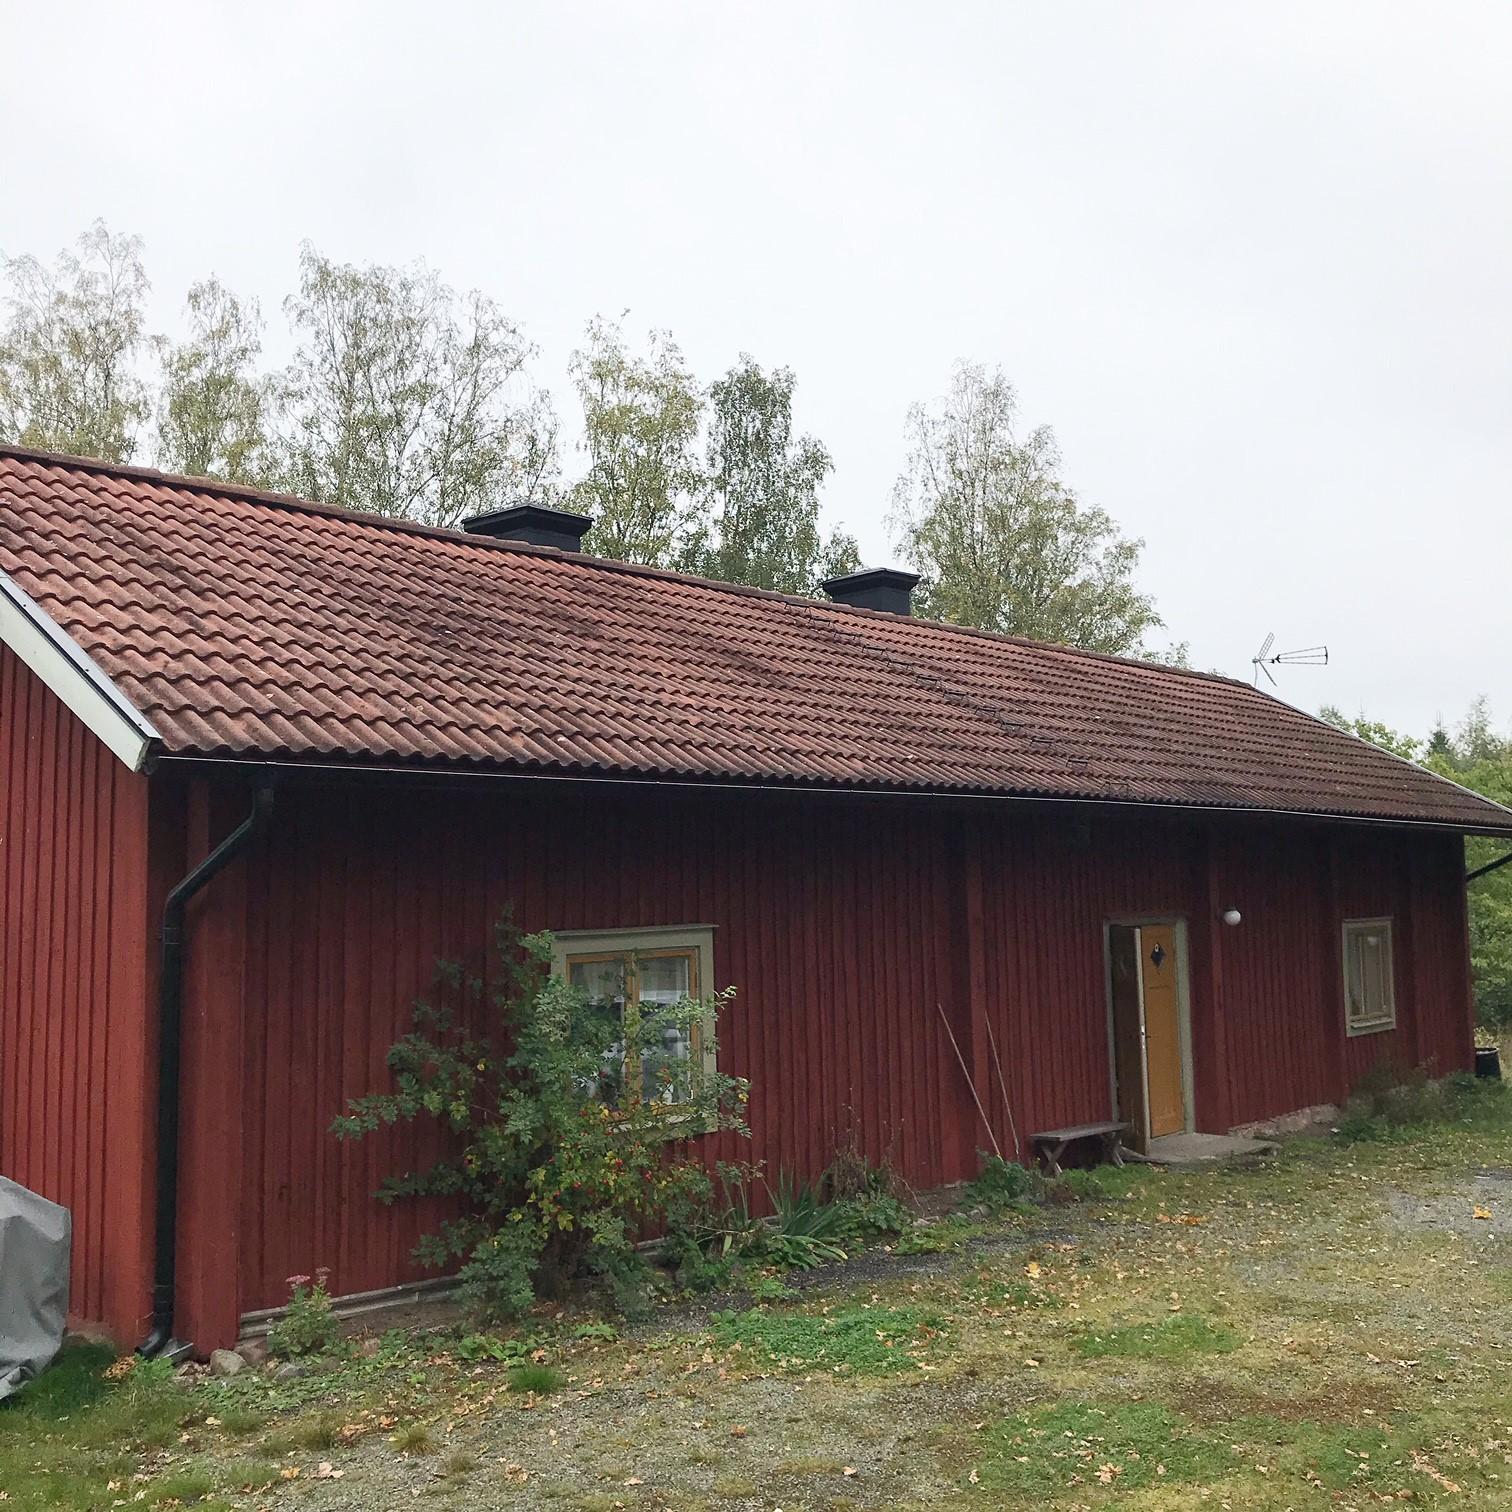 Bild på parstuga i Näsby. Rödmålad med tegeltak.